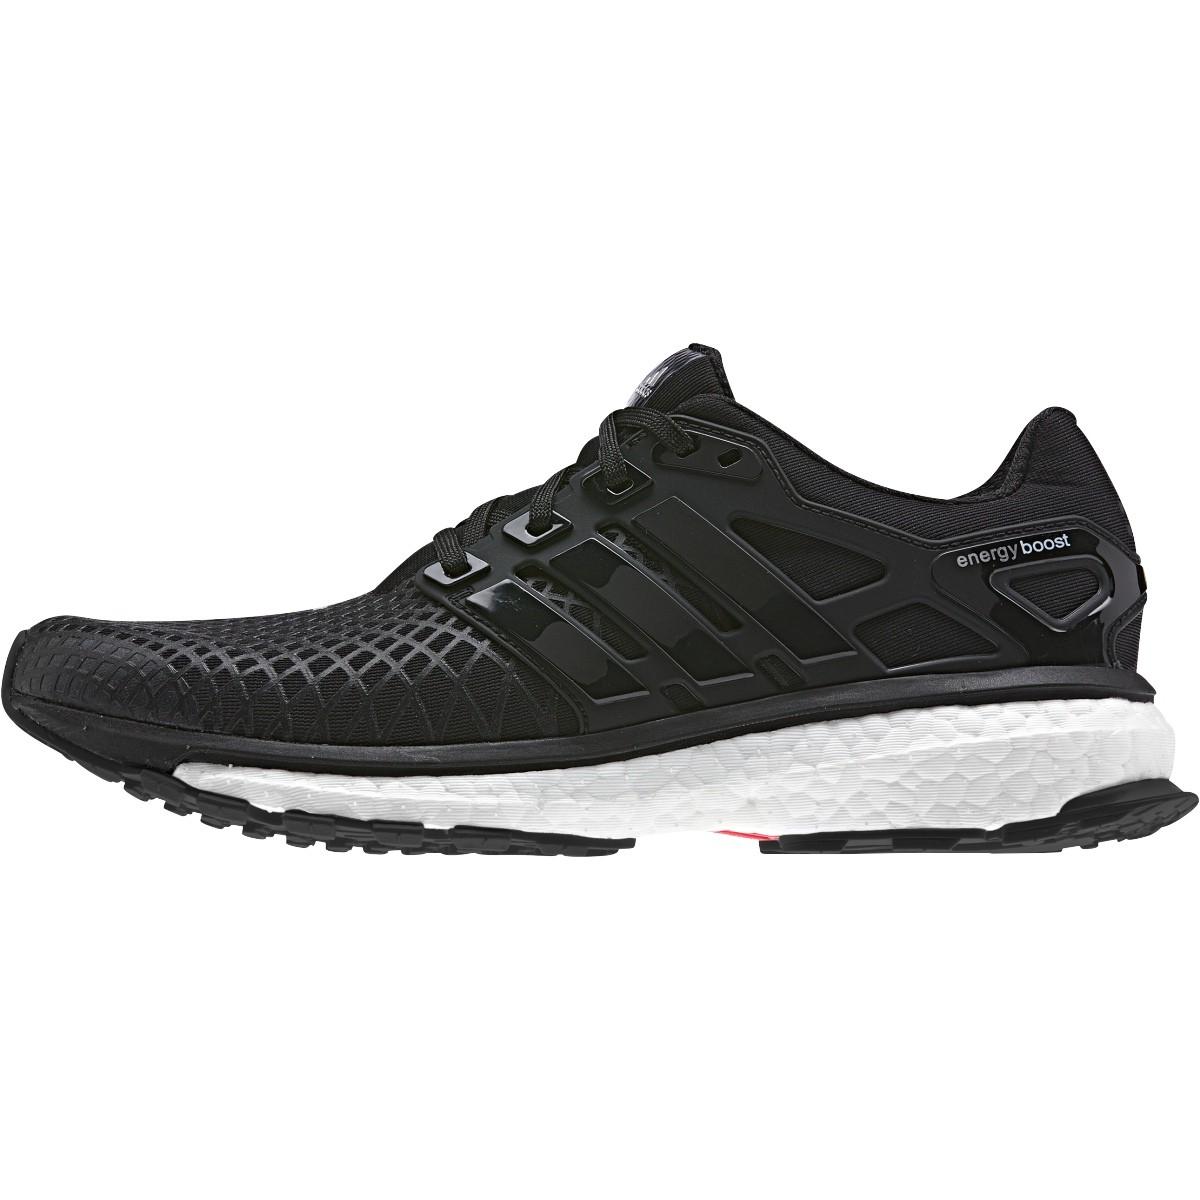 bb31c6a7dc12 Dámské běžecké boty adidas energy boost 2 ATR w